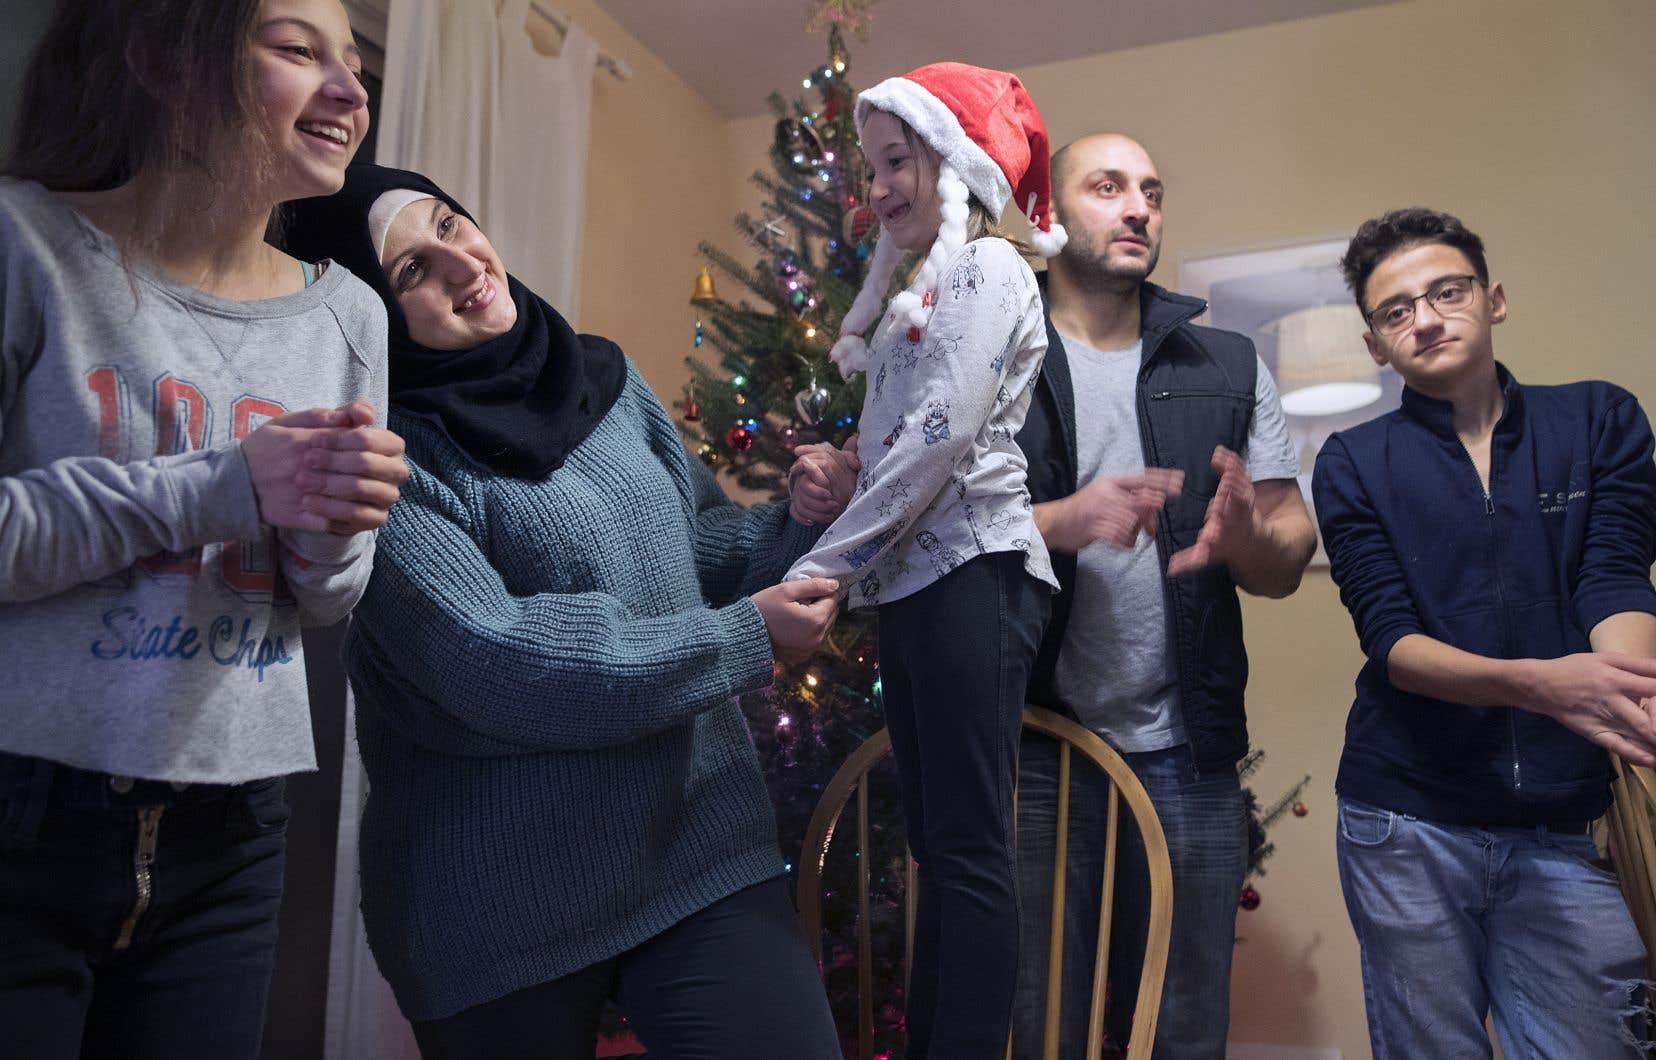 La famille Darwish, des Syriens ayant fui la guerre, est arrivée au Québec il y a un an; une année de découvertes pour les parents Marwa et Feras, ainsi que pour leurs trois enfants, Sara, Batoul et Adel.